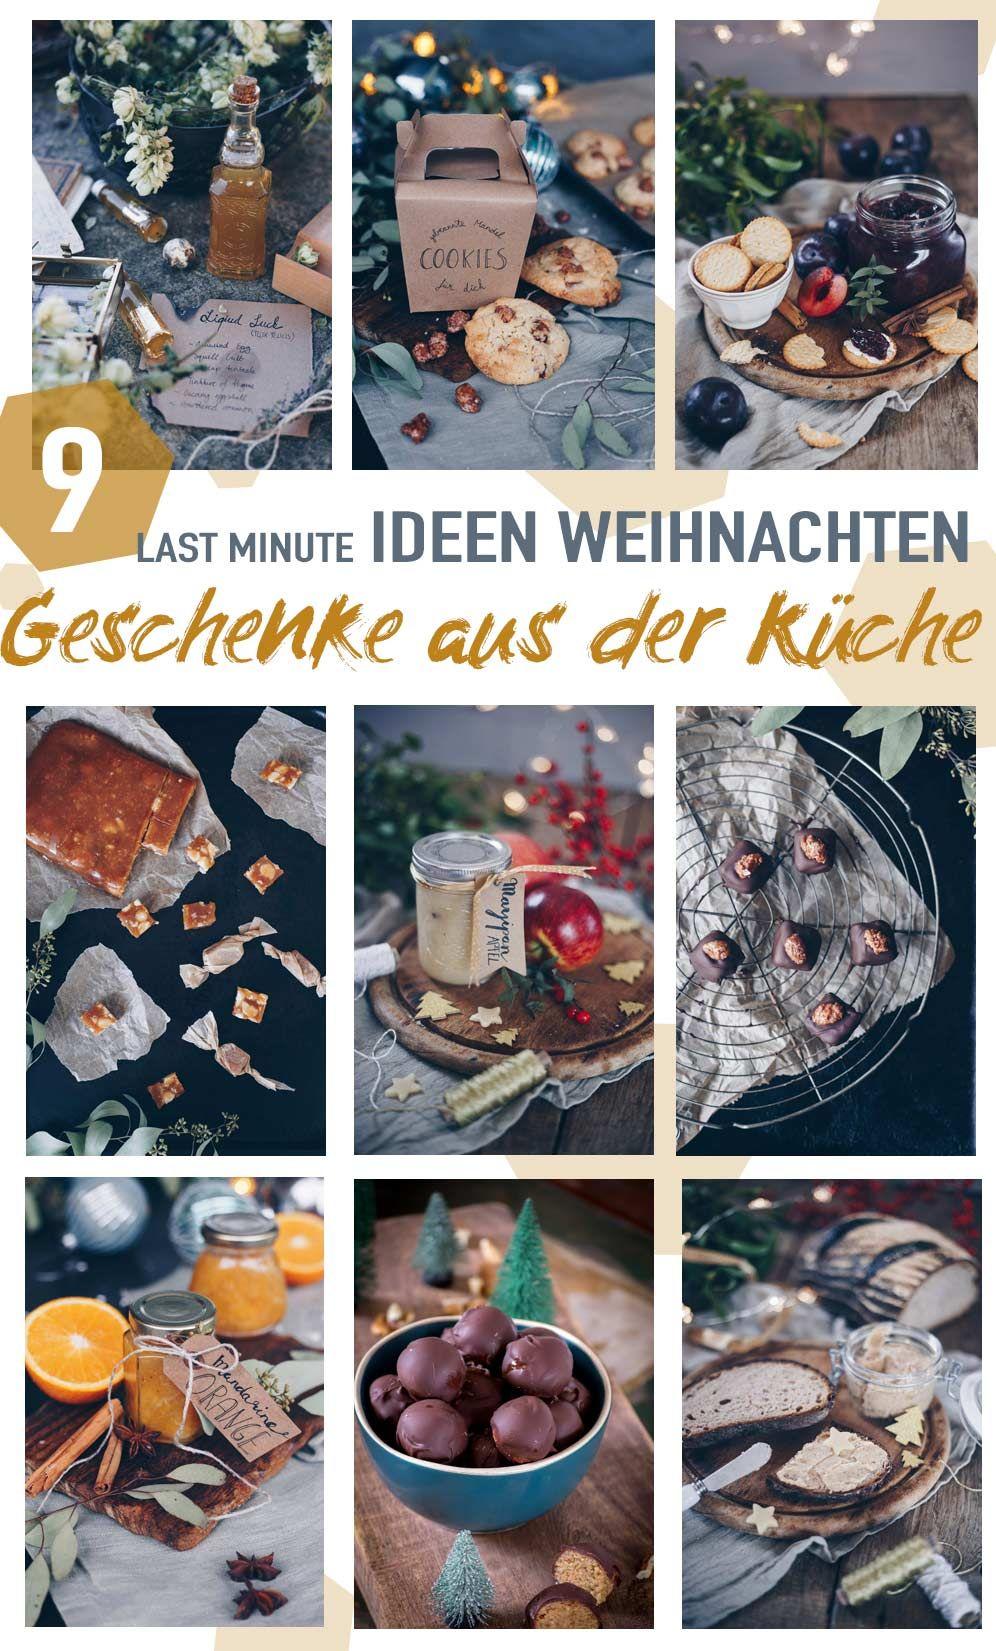 40++ Essen und trinken geschenke weihnachten Sammlung